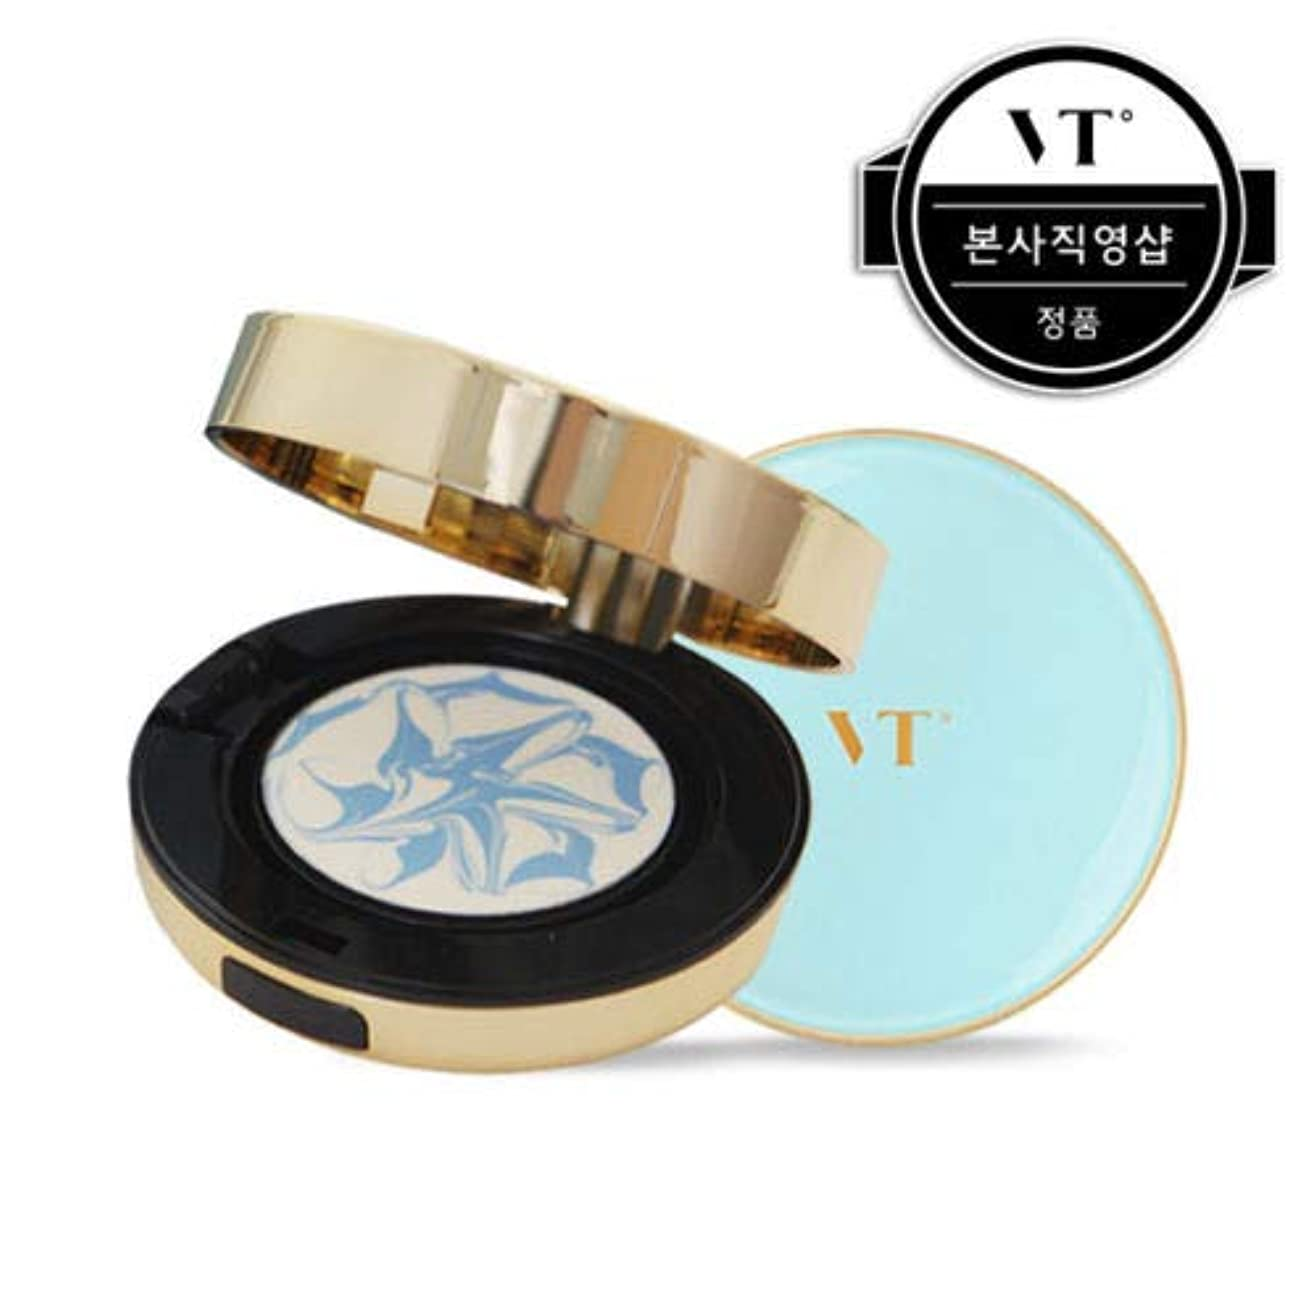 真空スピーチみすぼらしいVT Cosmetic Essence Sun Pact エッセンス サン パクト 本品11g + リフィール 11g, SPF50+/PA+++